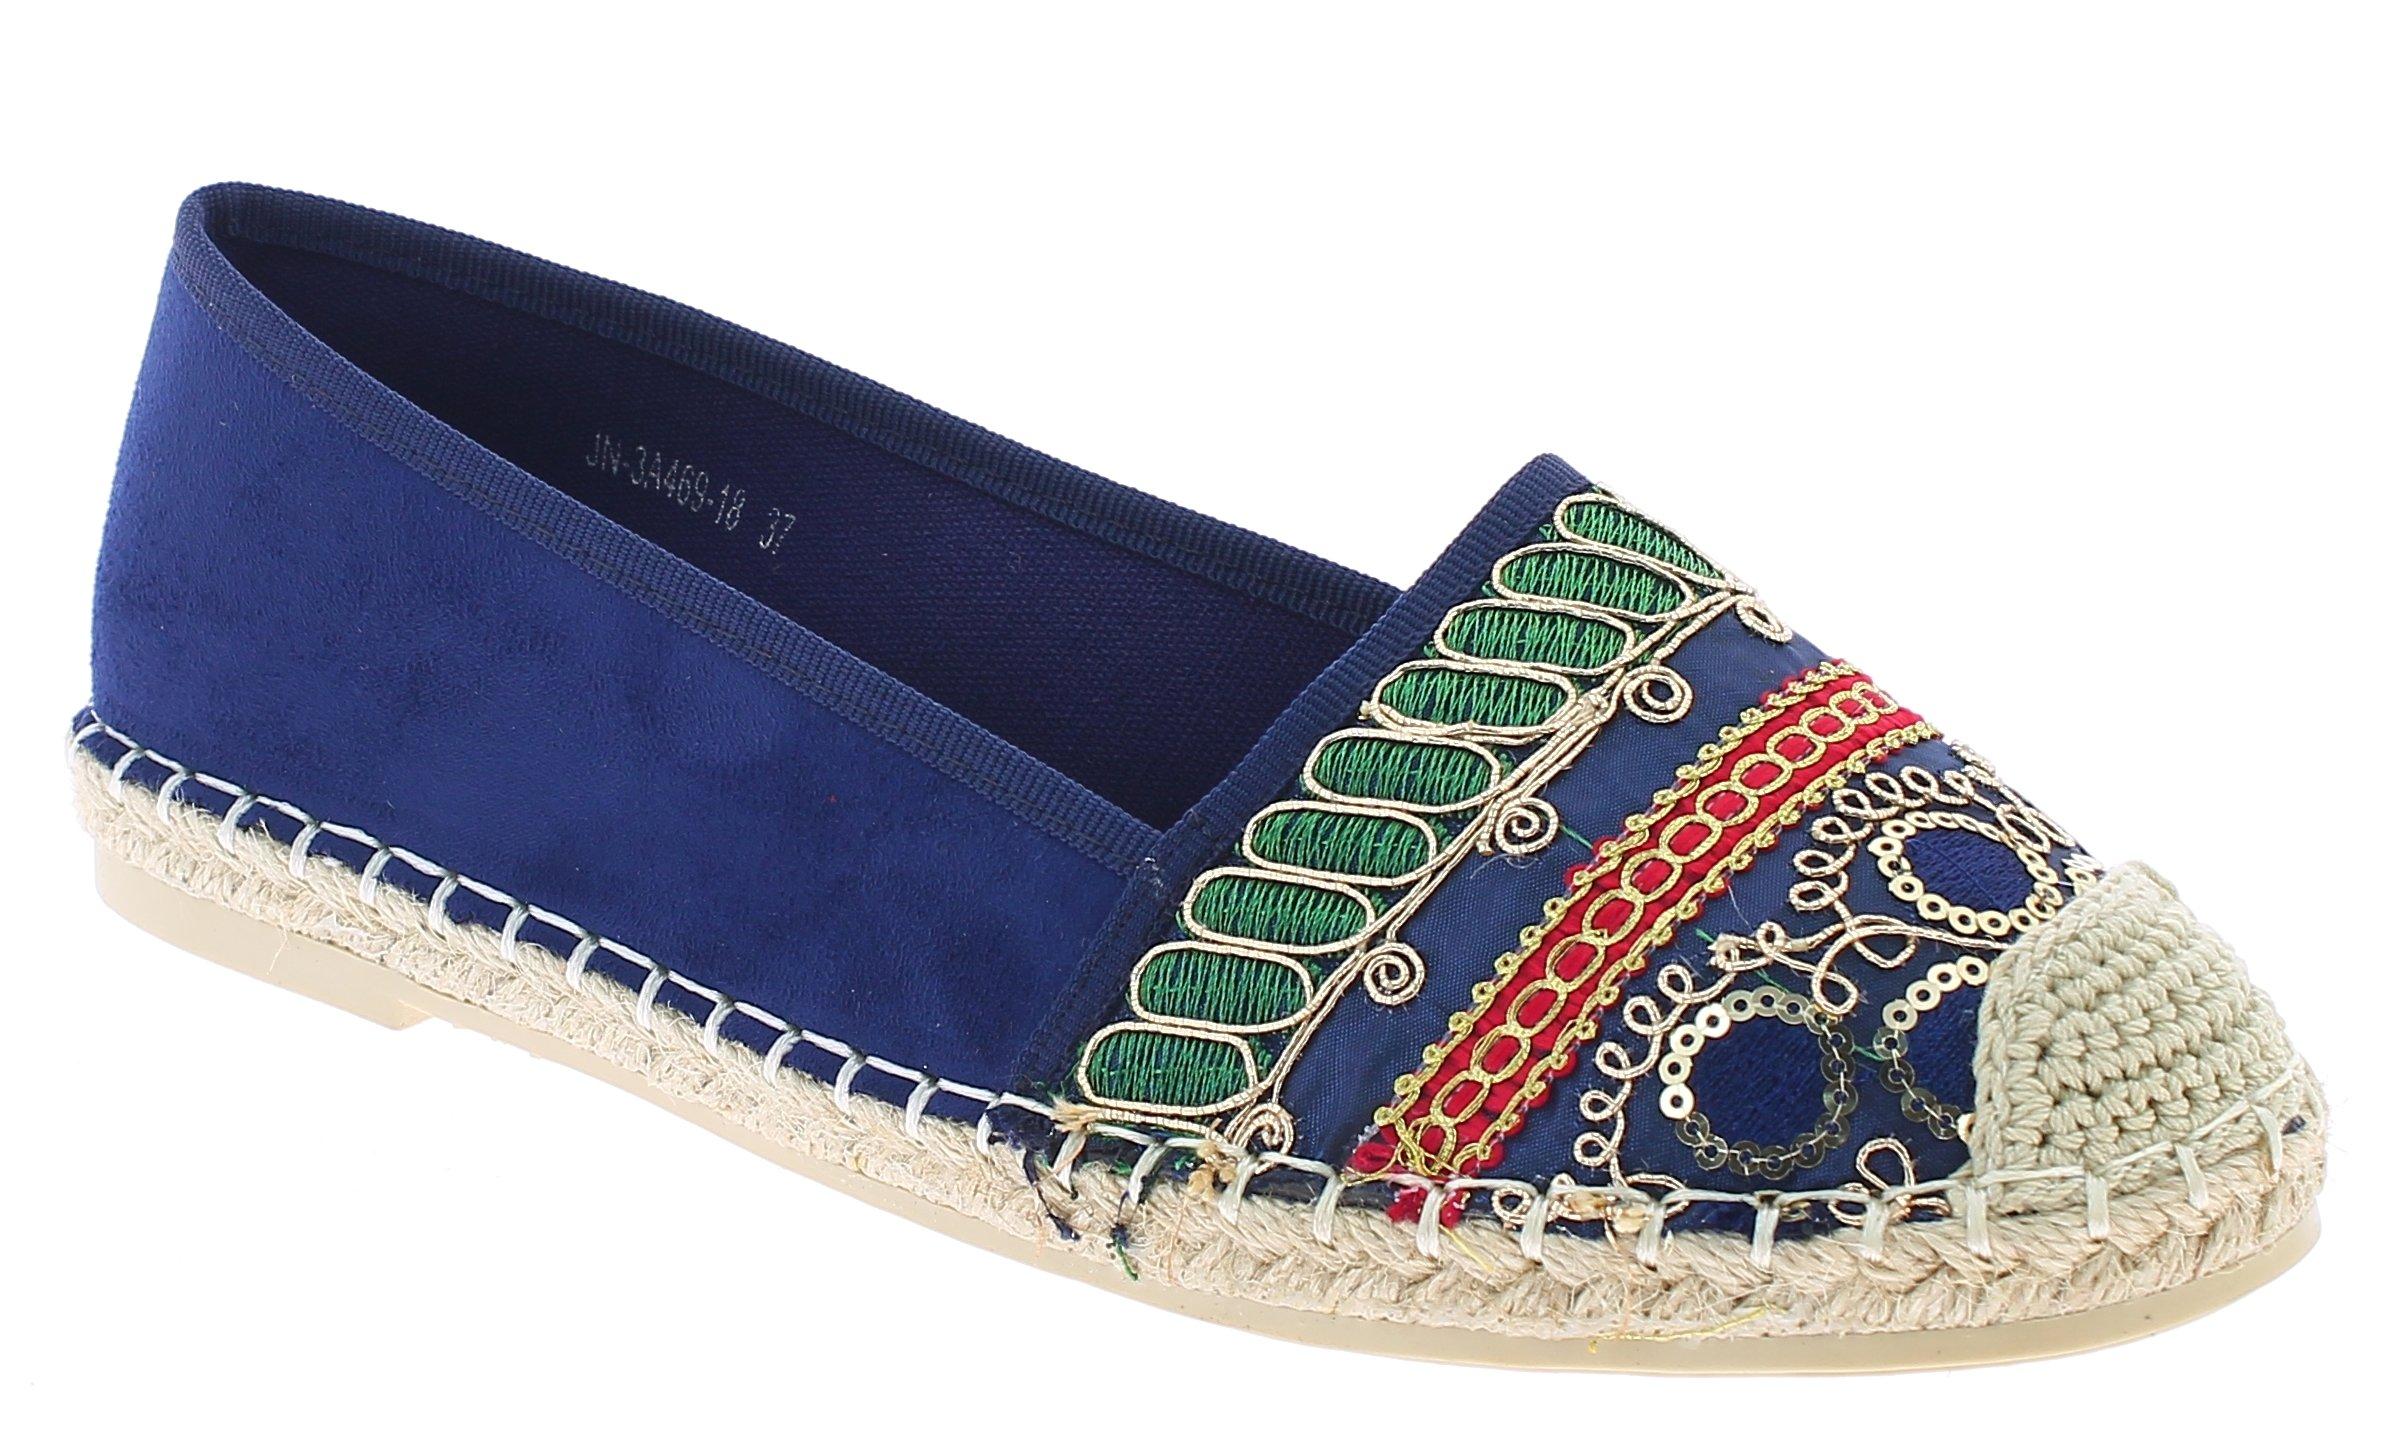 IQSHOES Γυναικείο Casual 3A469 Μπλε - IqShoes - 3A469 BLUE-blue-39/1/23/25 προϊόντα παπούτσια